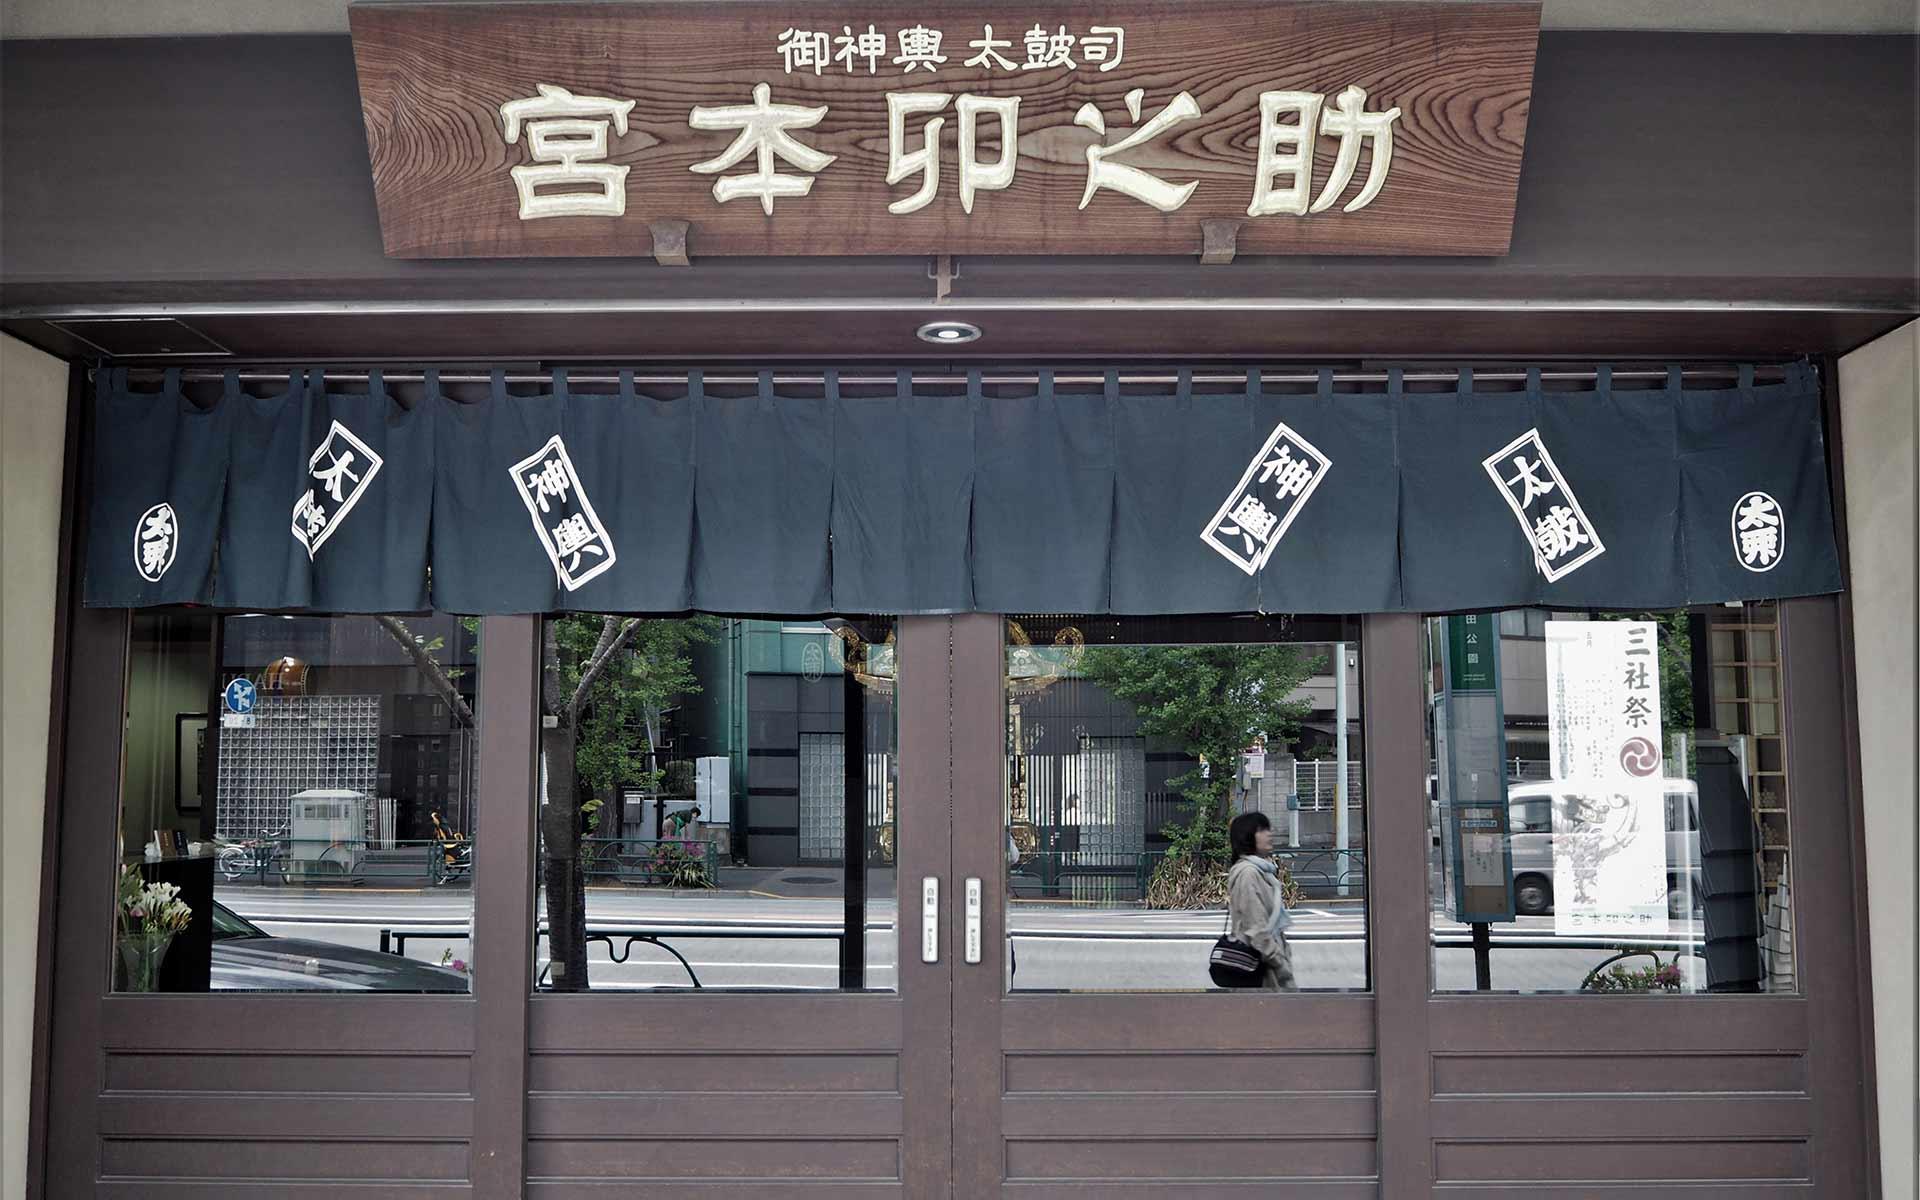 浅草の言問橋近くにある宮本卯之助商店の本社兼工場